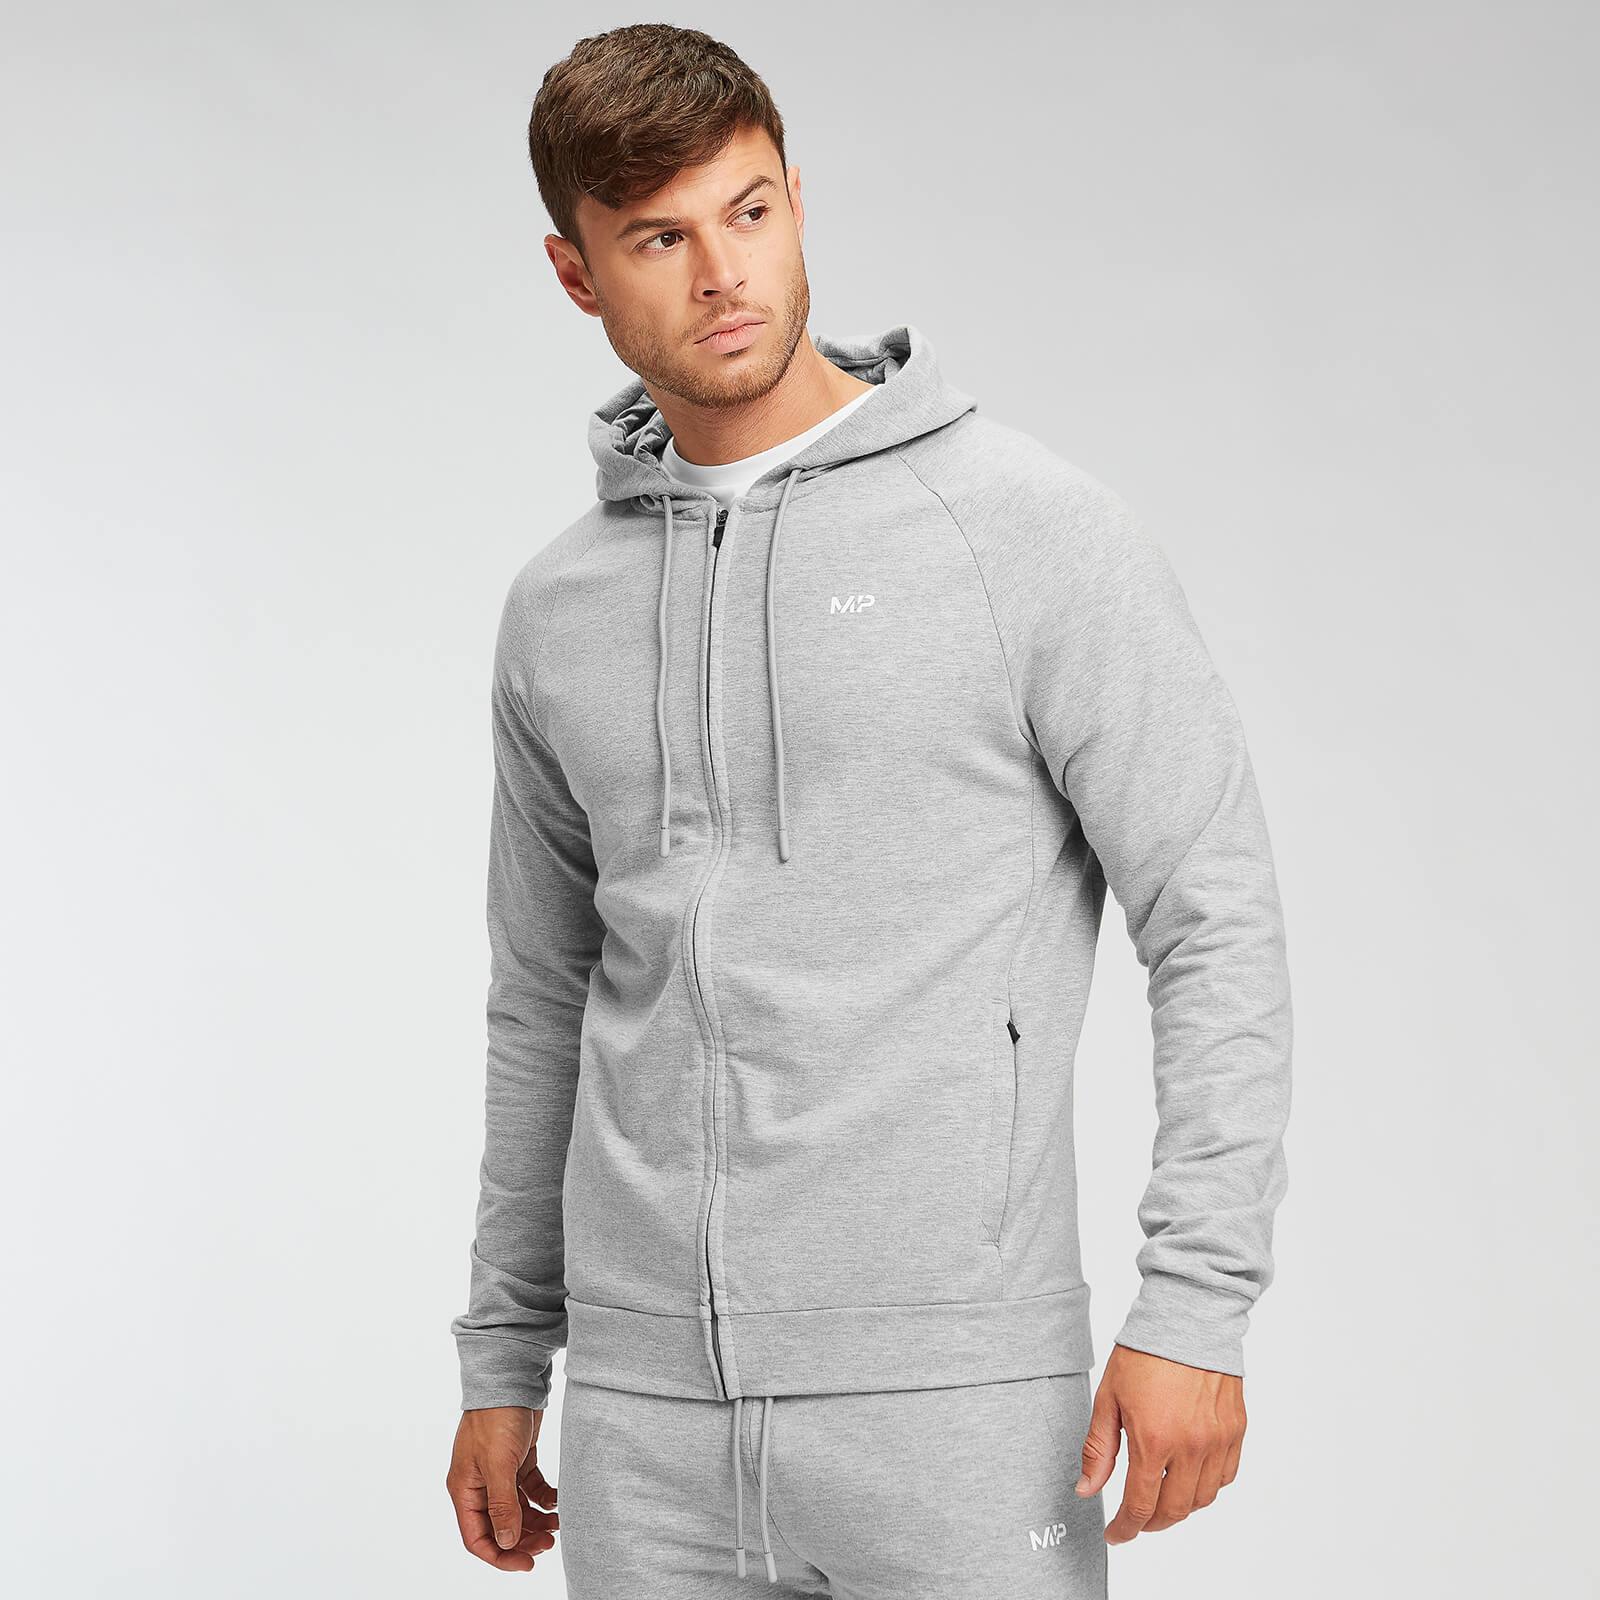 Sweat à capuche zippé MP Form pour hommes – Gris chiné - XS